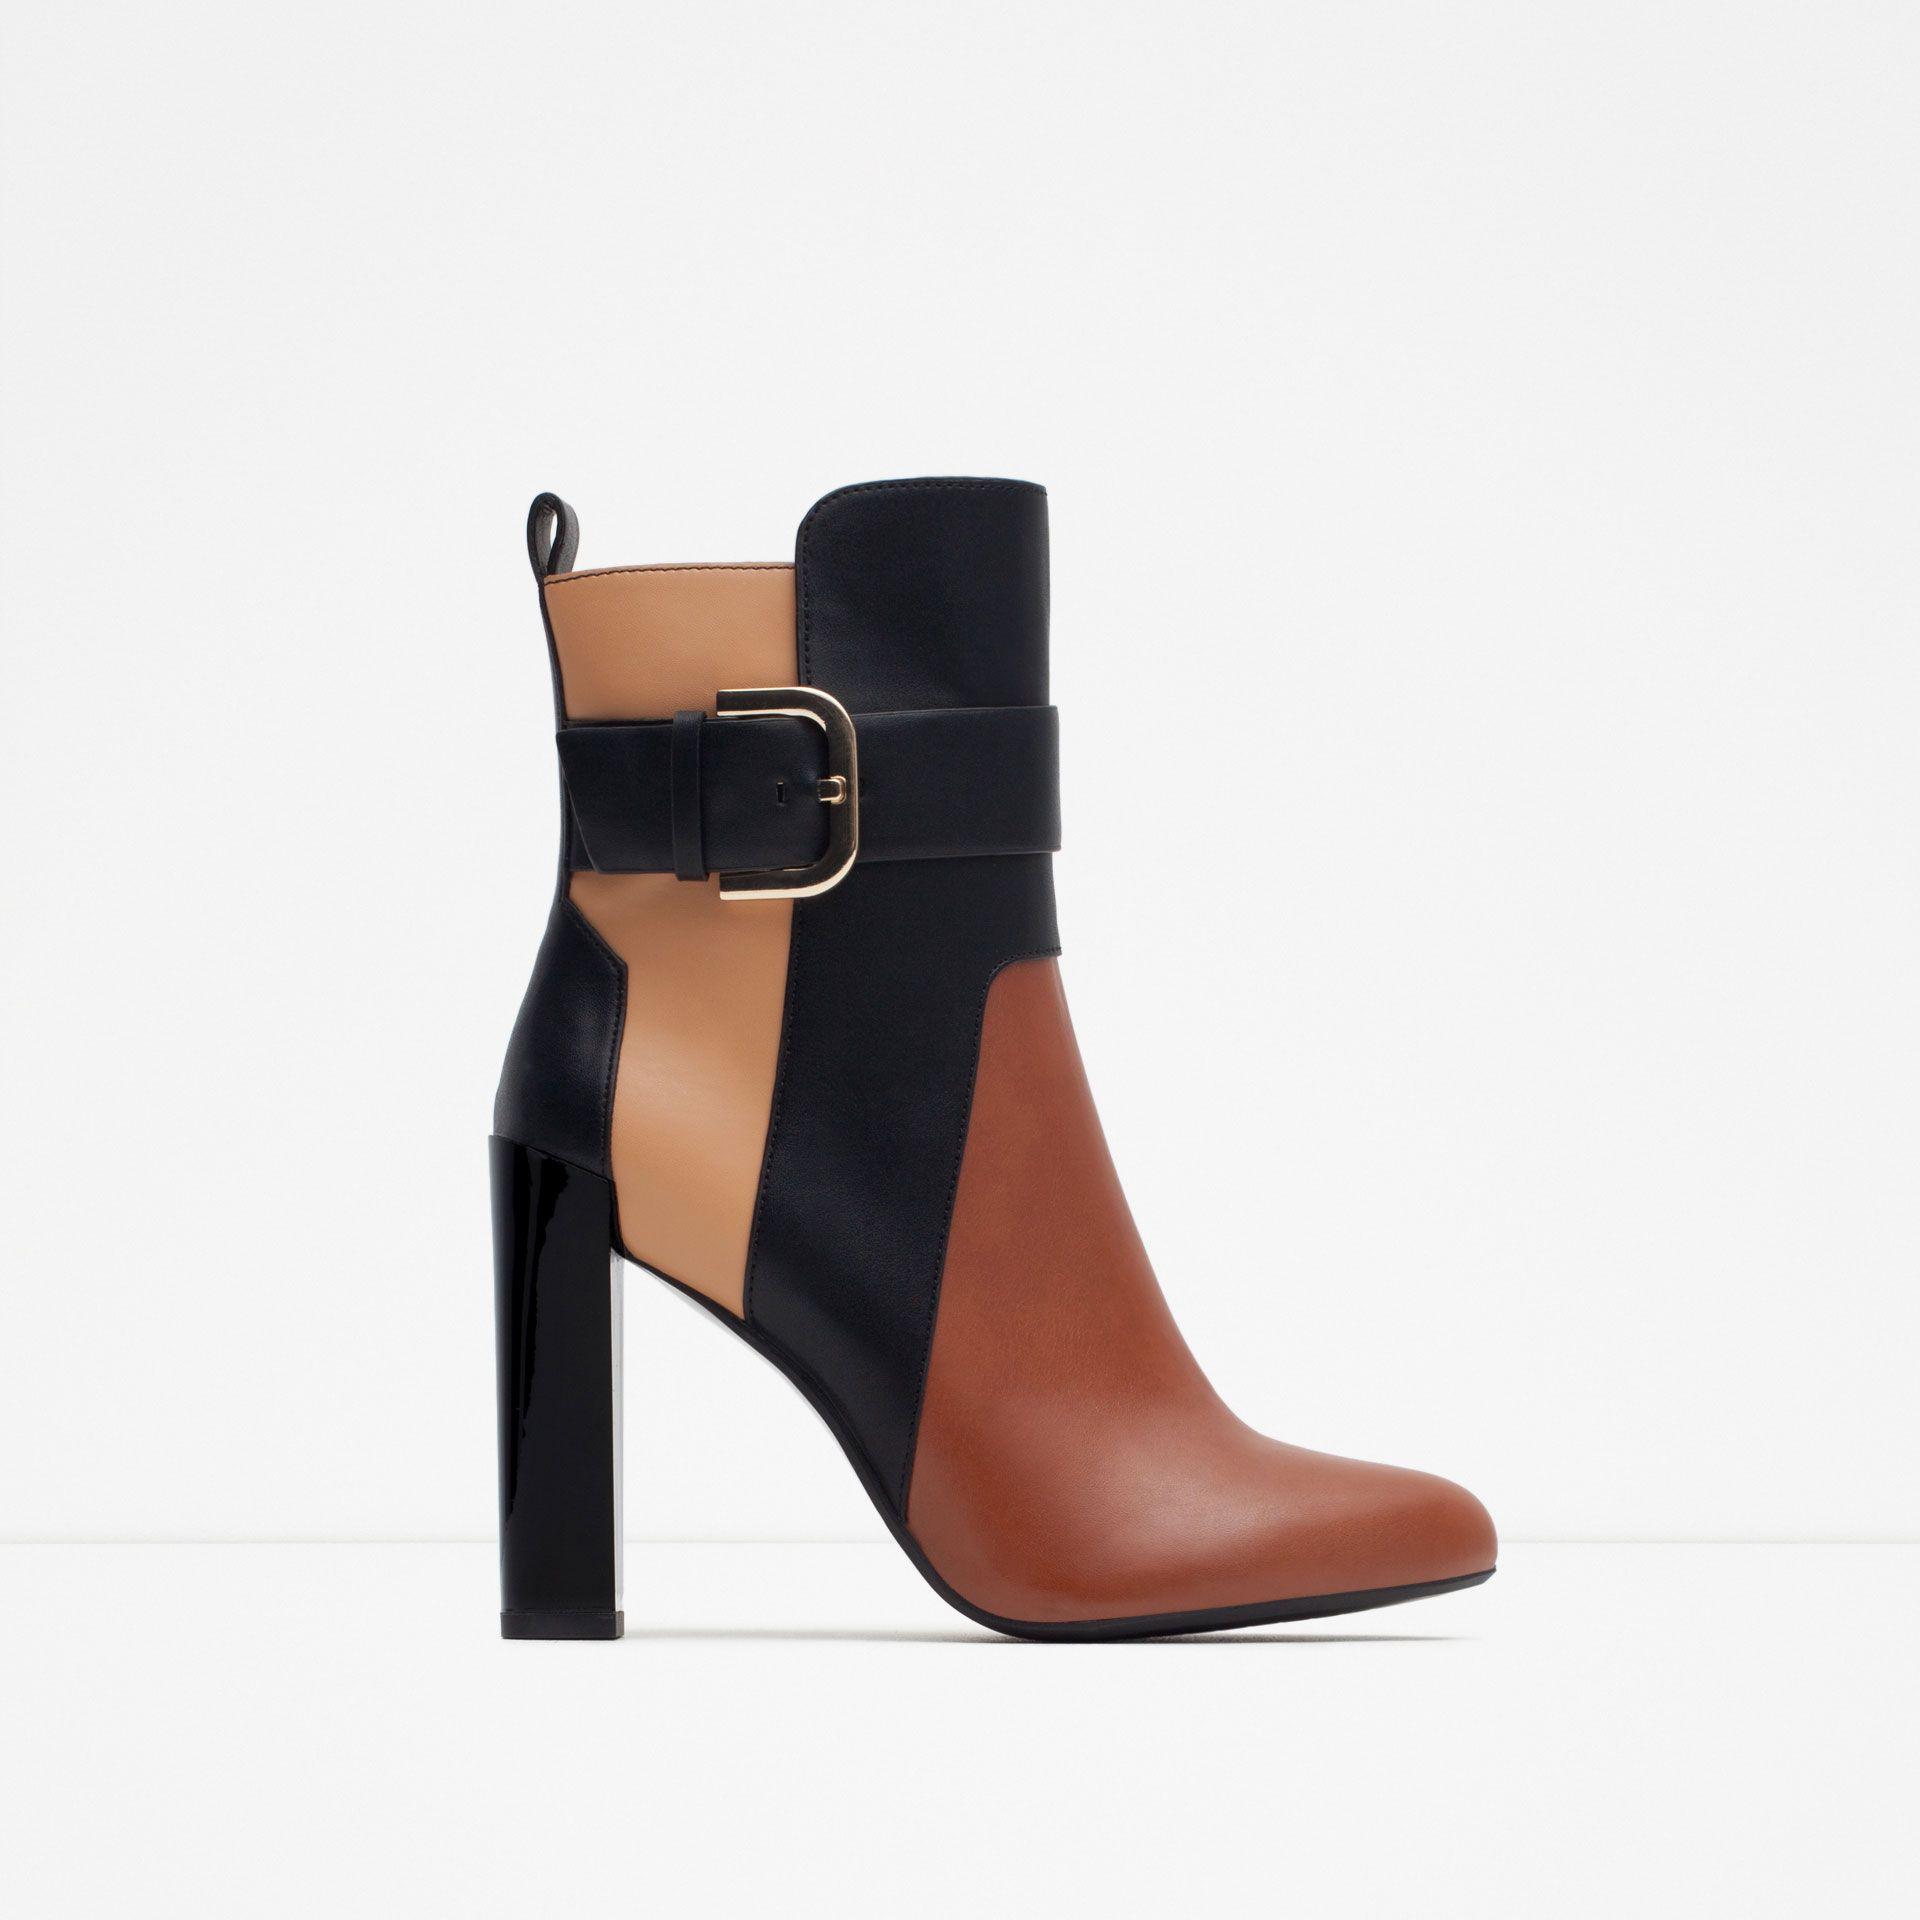 Chaussures Noires À Talon Aiguille 40 Avec Nez Pointu Avec Fermeture À Glissière Pour Les Femmes O5fMyc4ewv